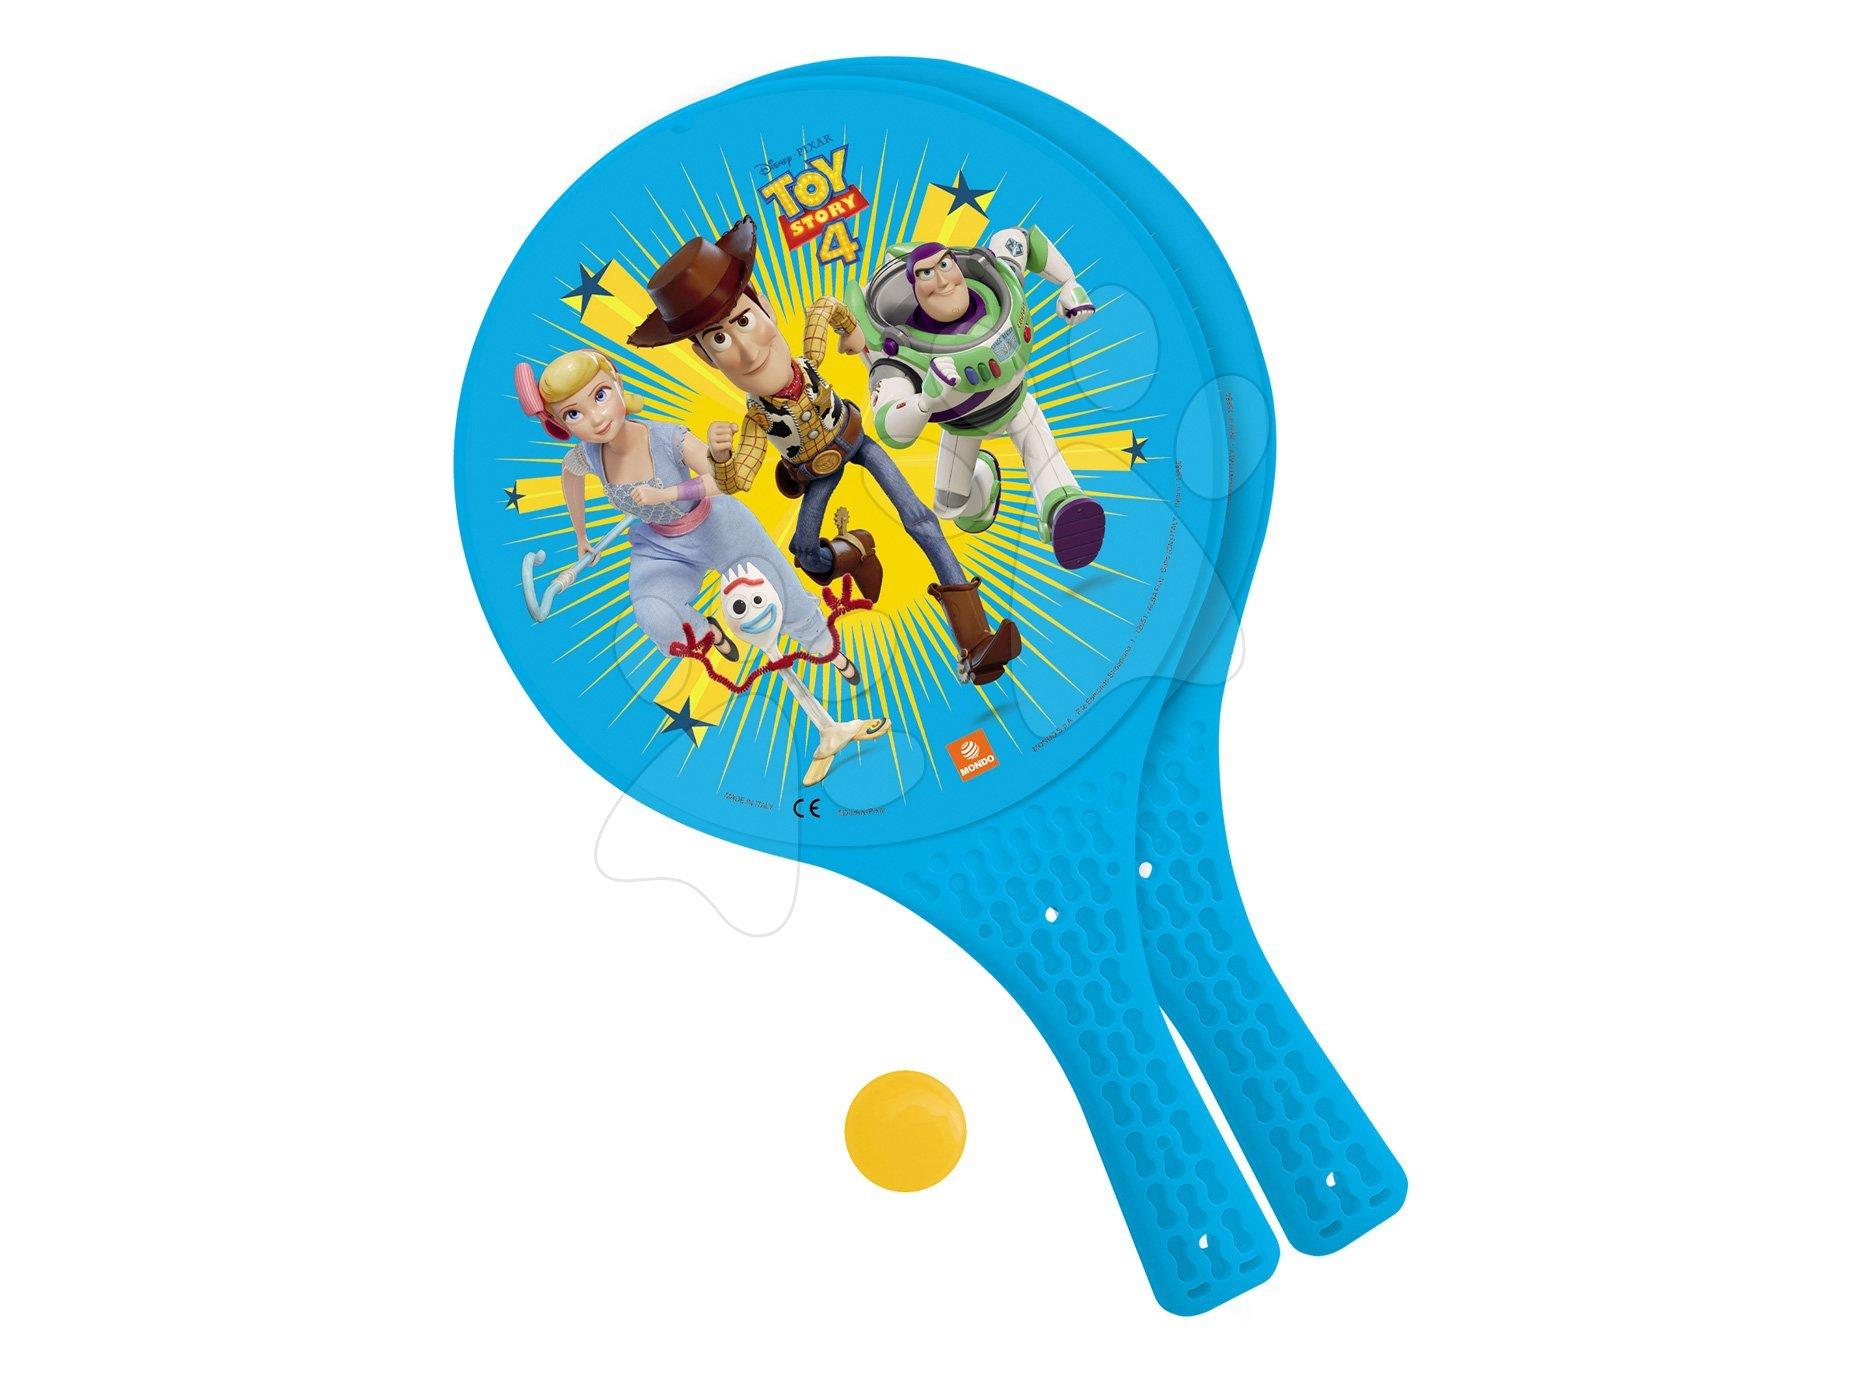 Plážový tenis Toy Story Mondo s 2 raketami a míčkem